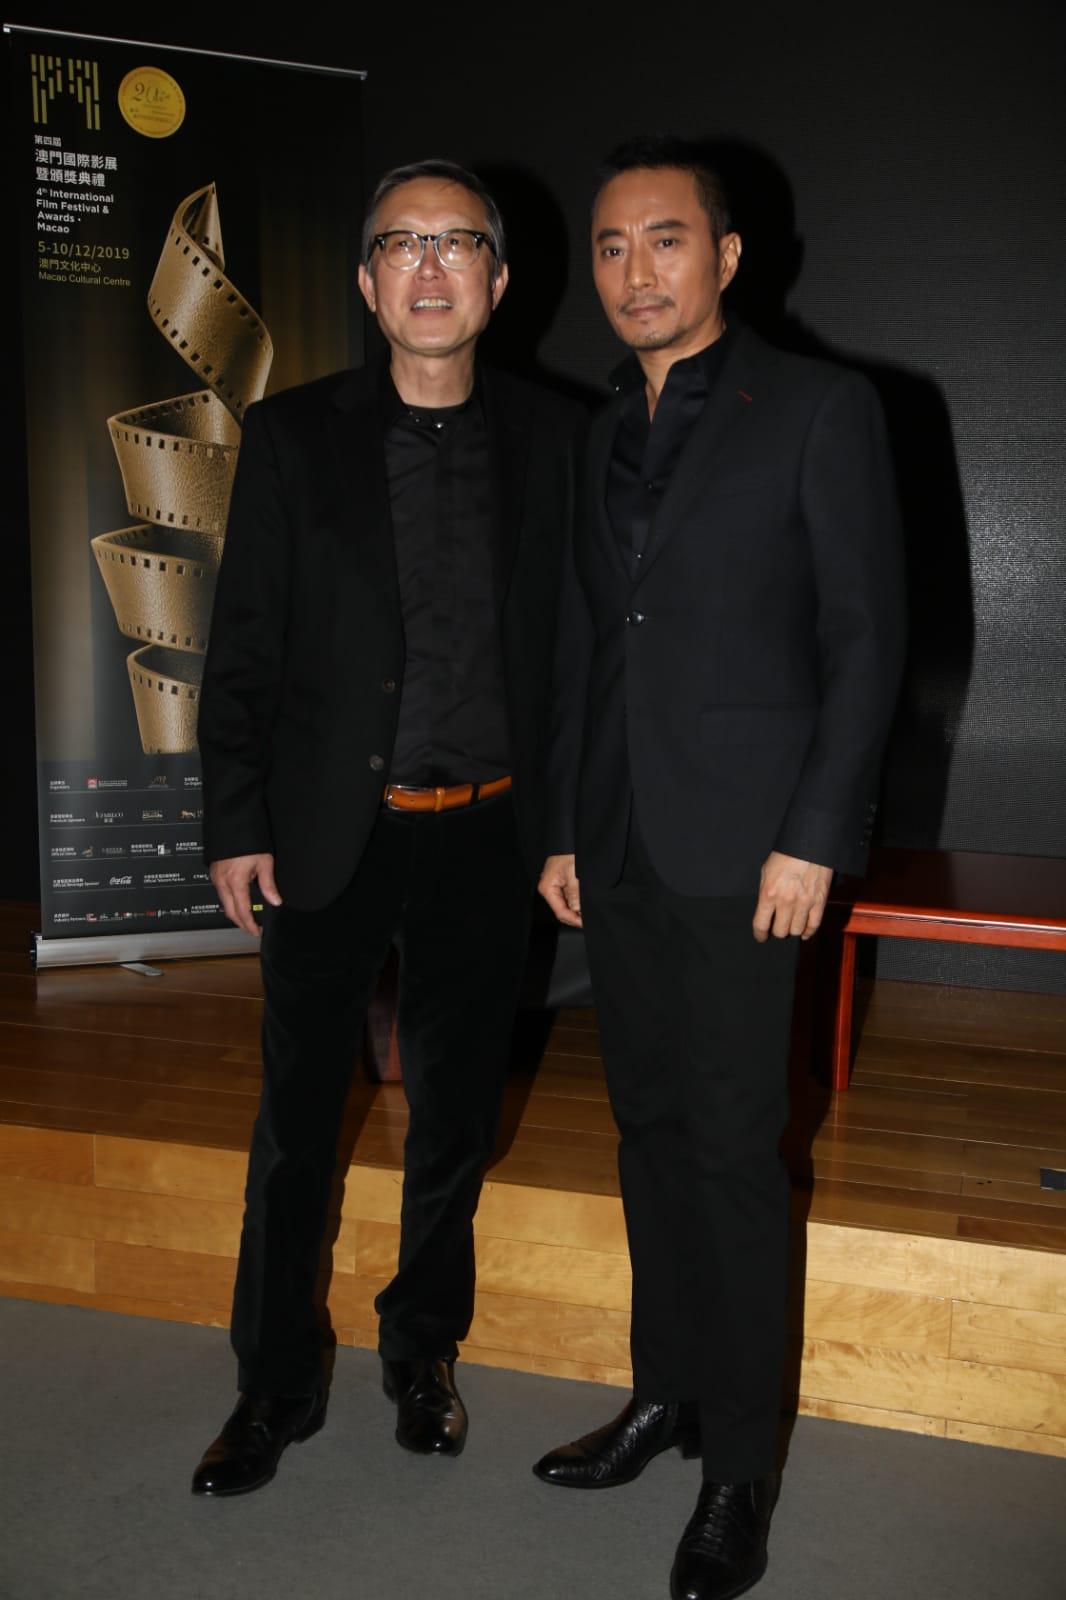 張涵予與劉偉強最近在電影《中國機長》中合作。